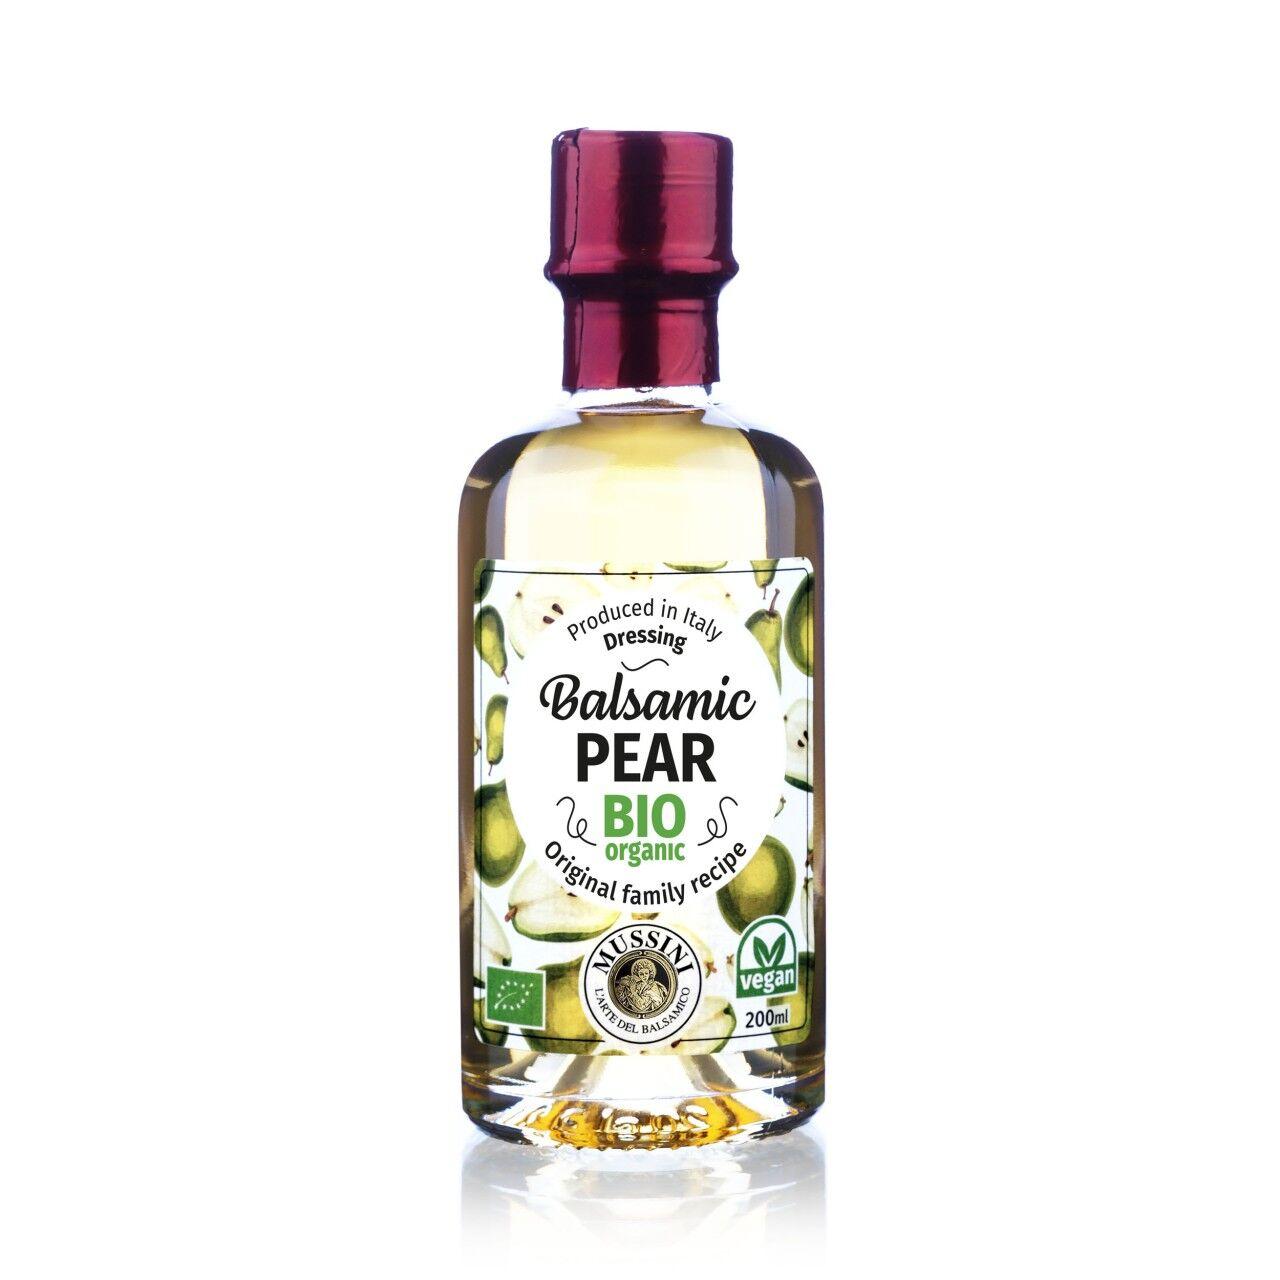 Mussini Condimento Balsamico alla Pera, BIO, I.G.P., 200ml - Mussini